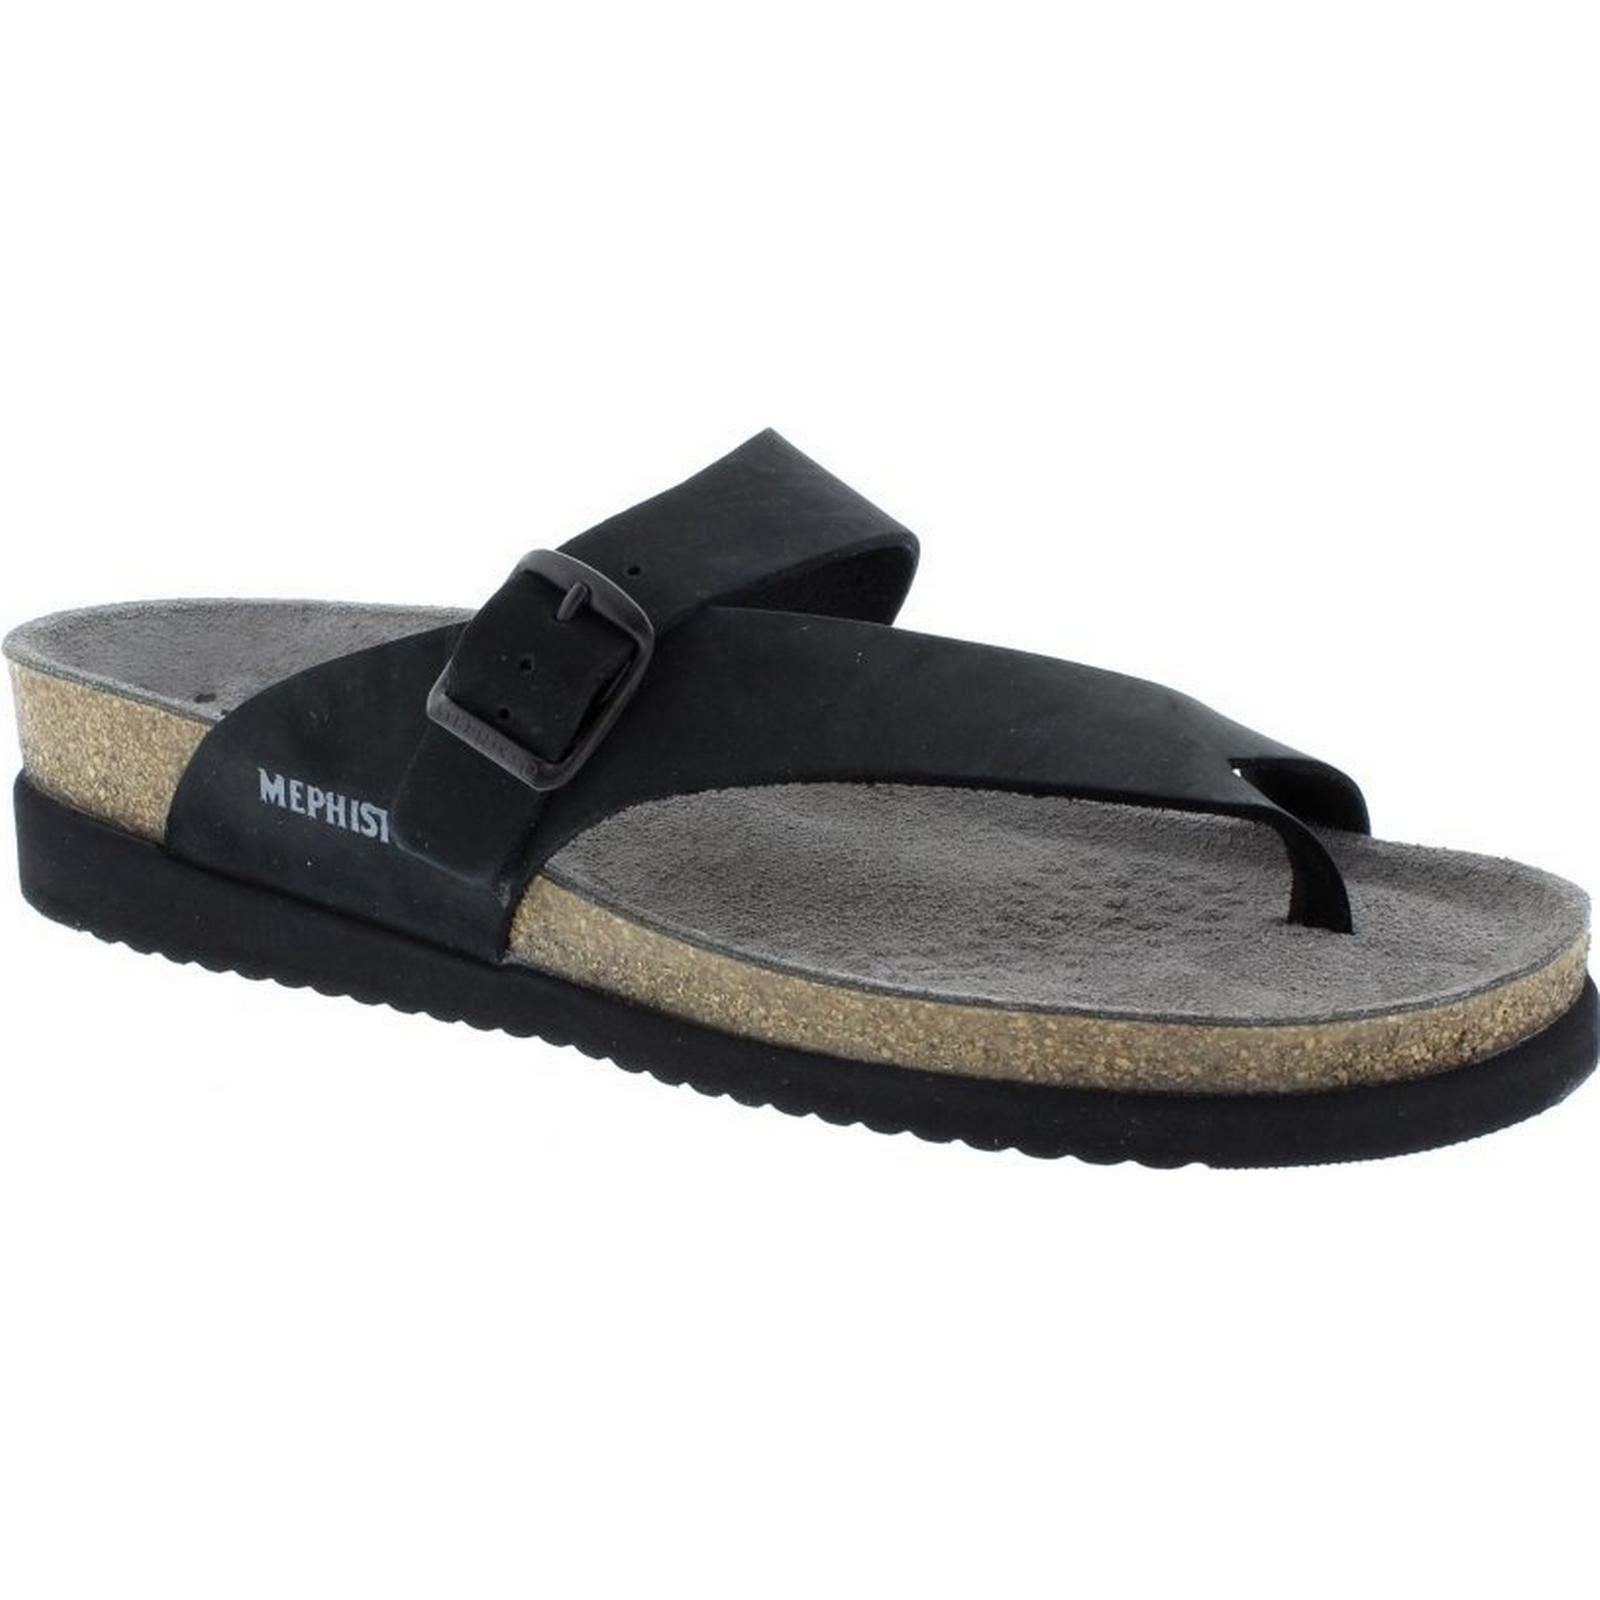 méphisto méphisto méphisto helen - noir sandalbuck taille: 43 ue f8ce93